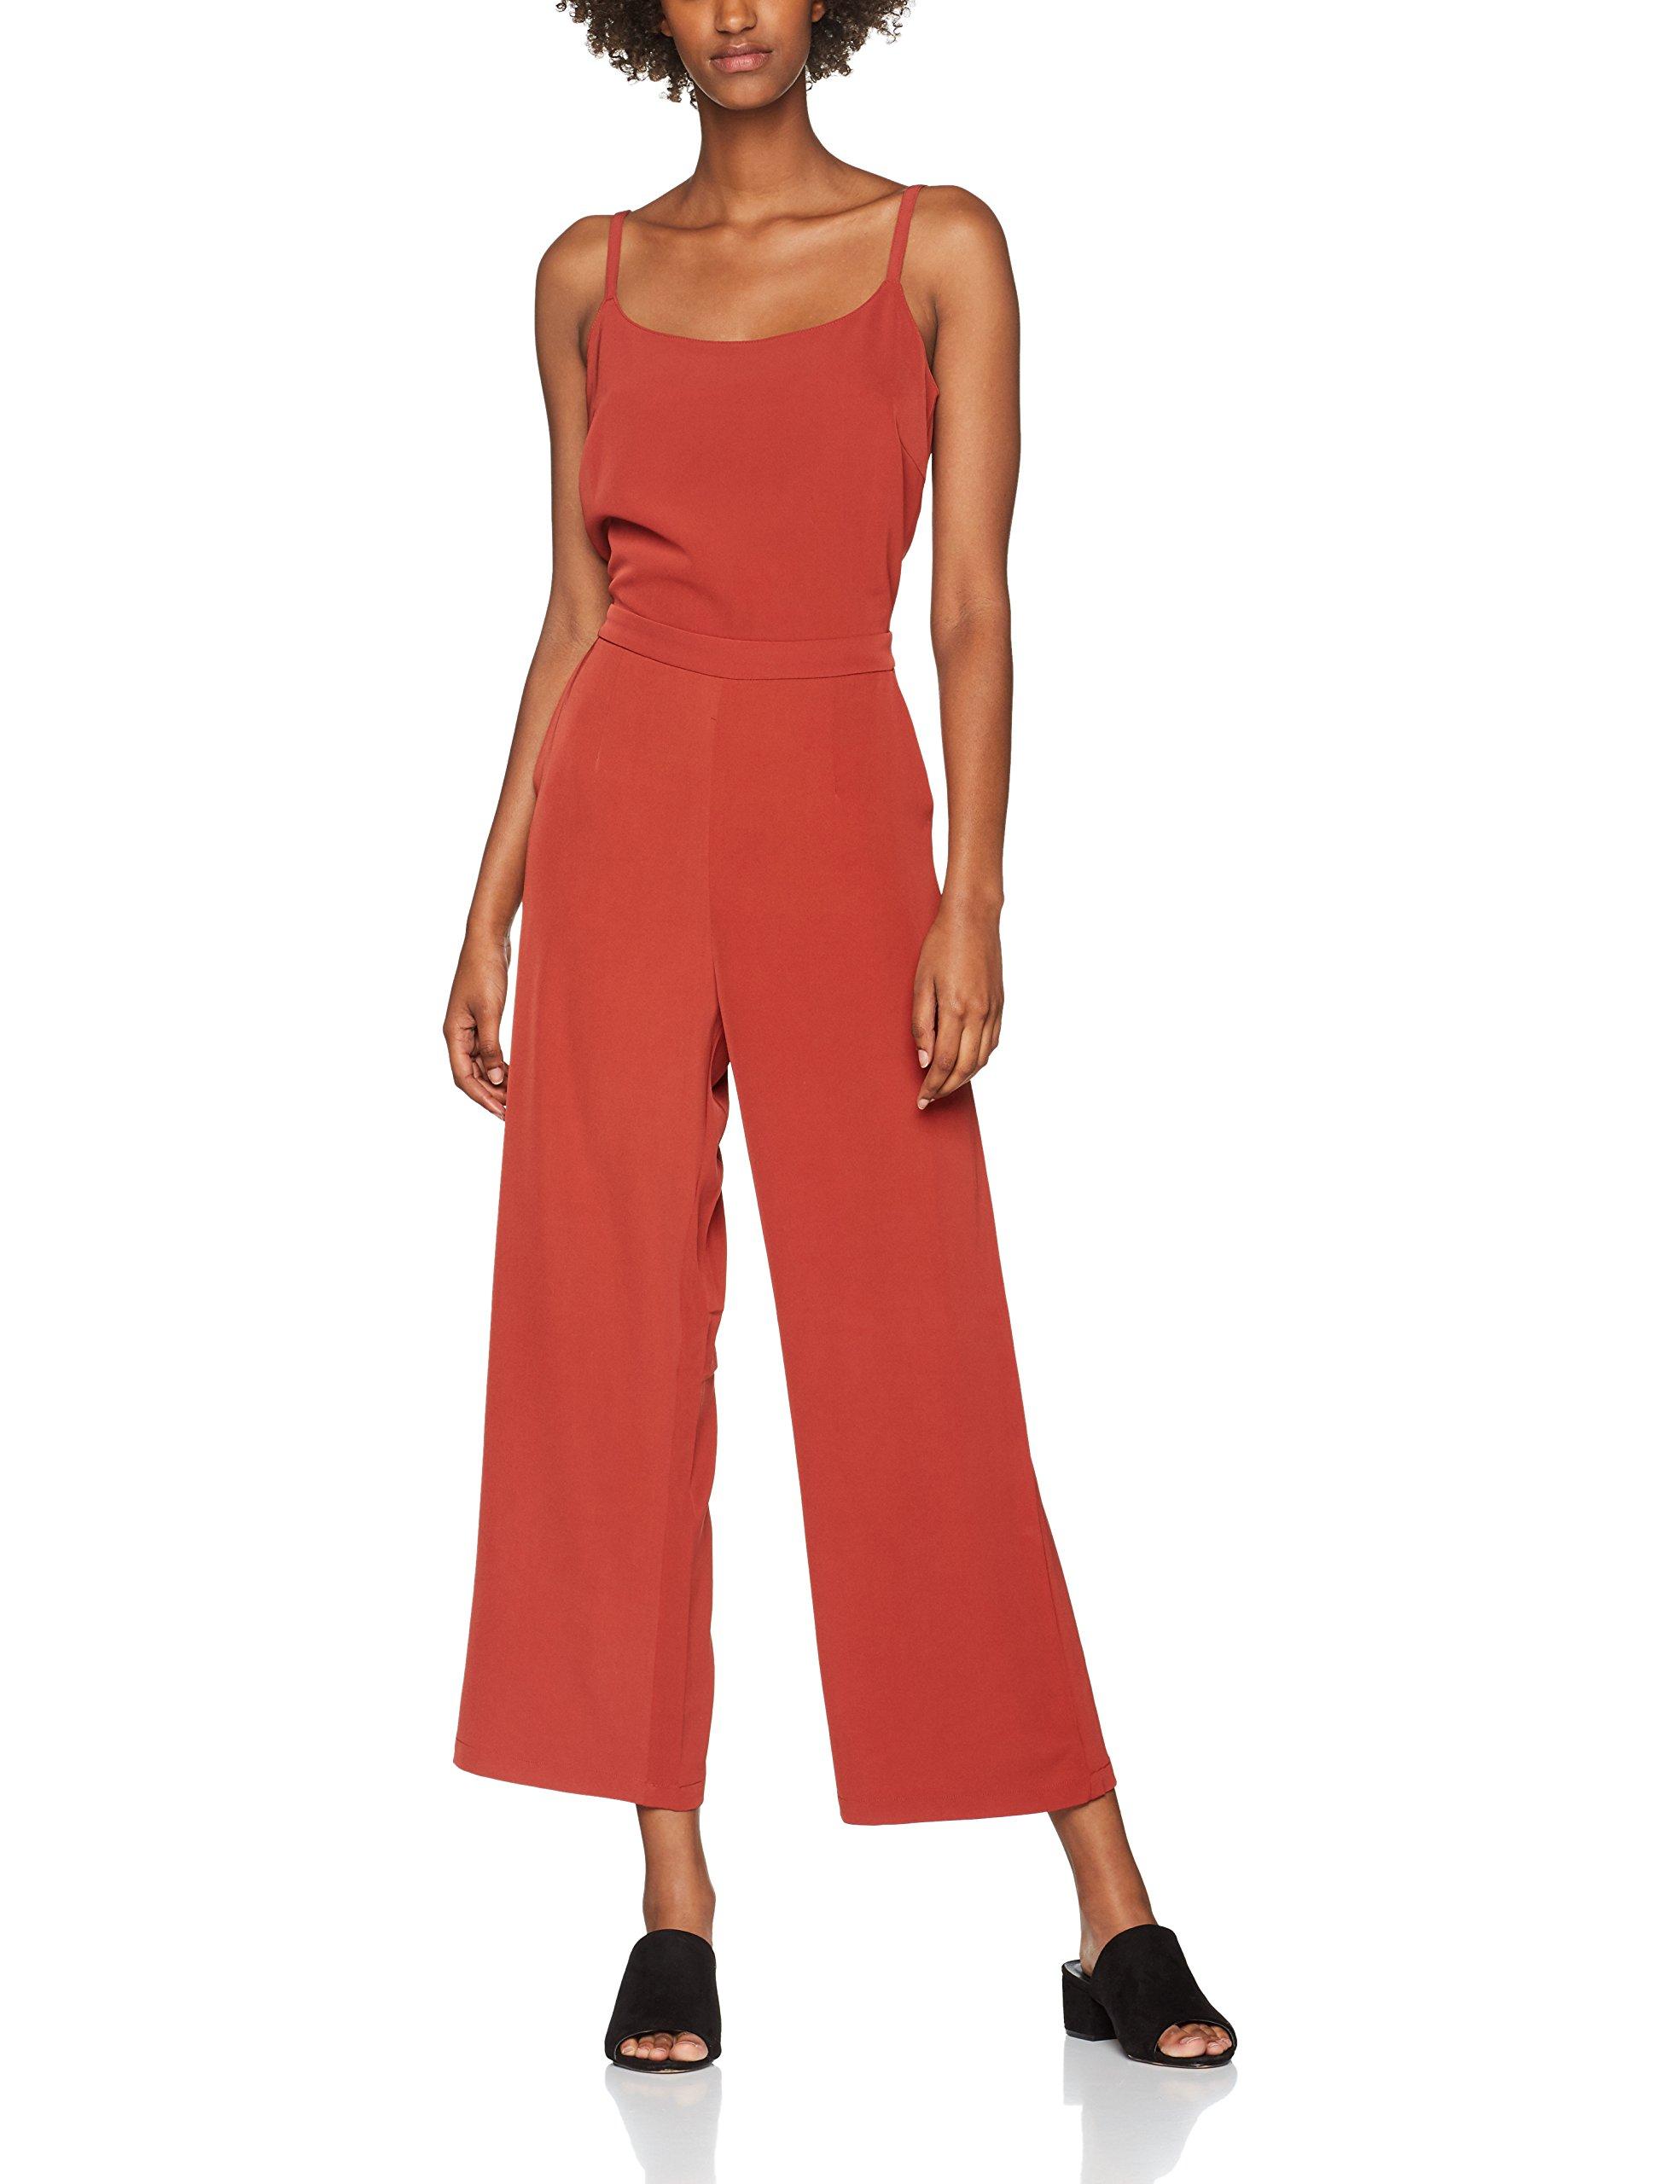 CombinaisonRougerosewood Gestuz 9028938 Jumpsuit Femme Flora Ao17 Nnwvm8O0